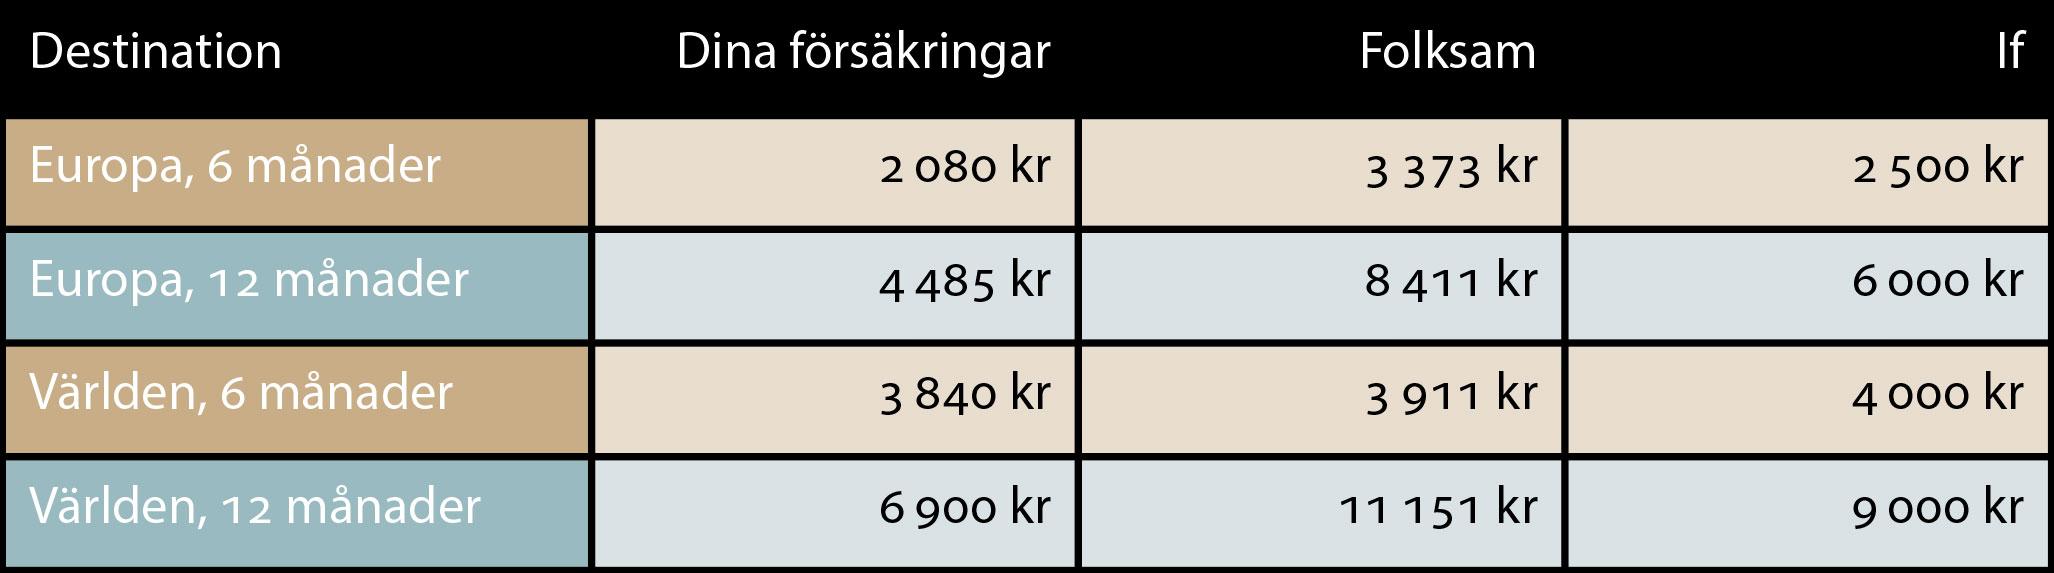 Granskning Vi Nystar I Långresenärernas Försäkringsskydd Vagabond